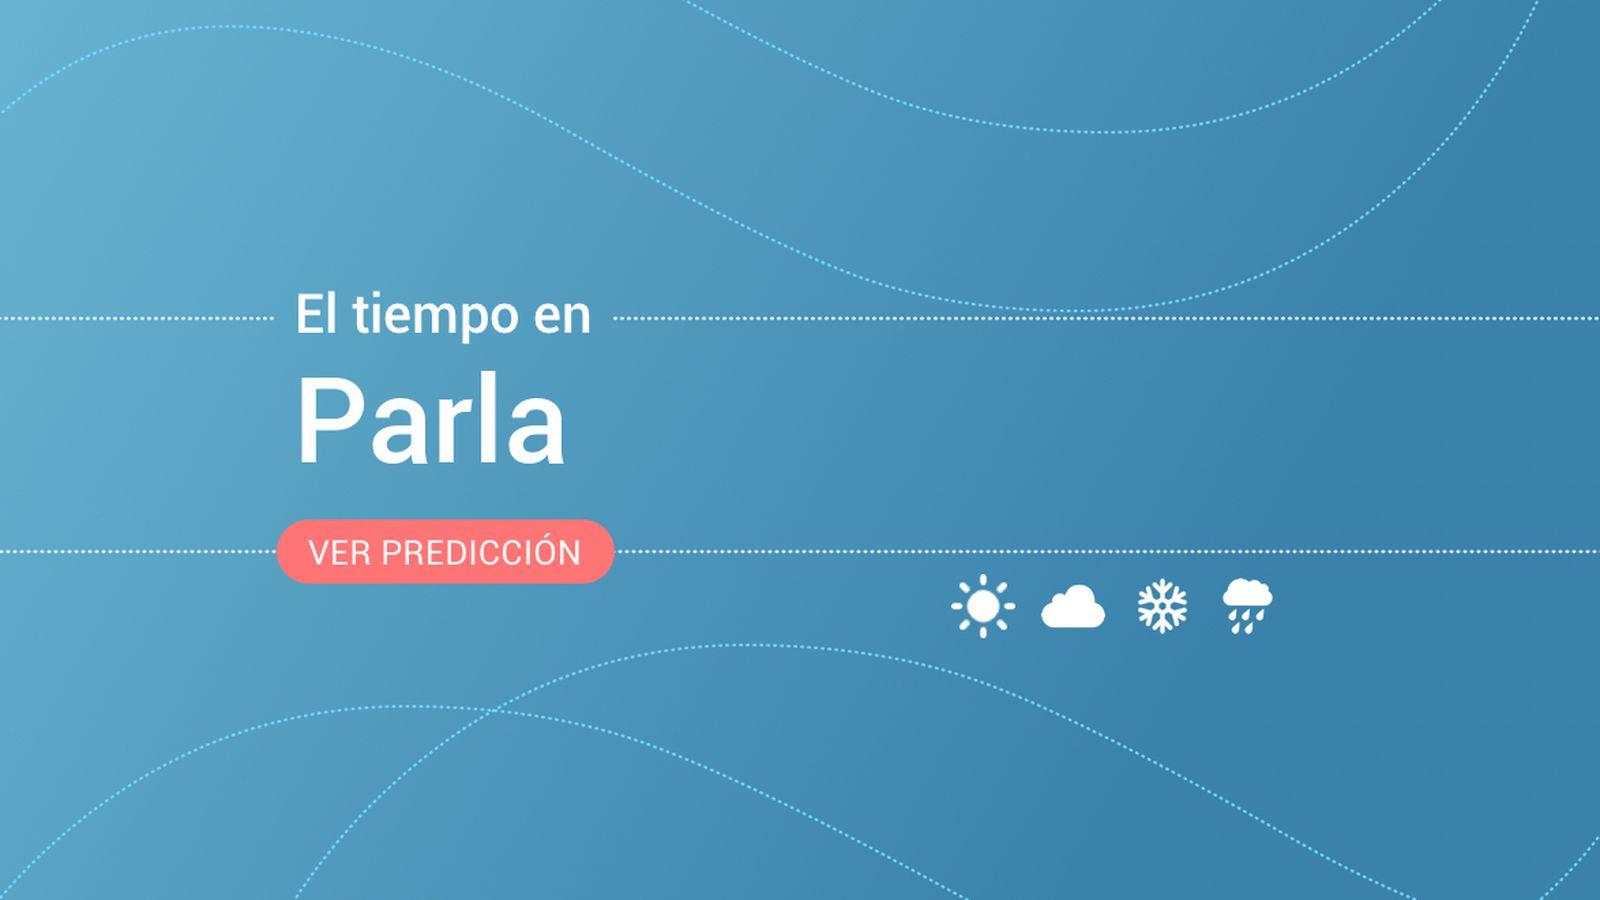 Foto: El tiempo en Parla. (EC)